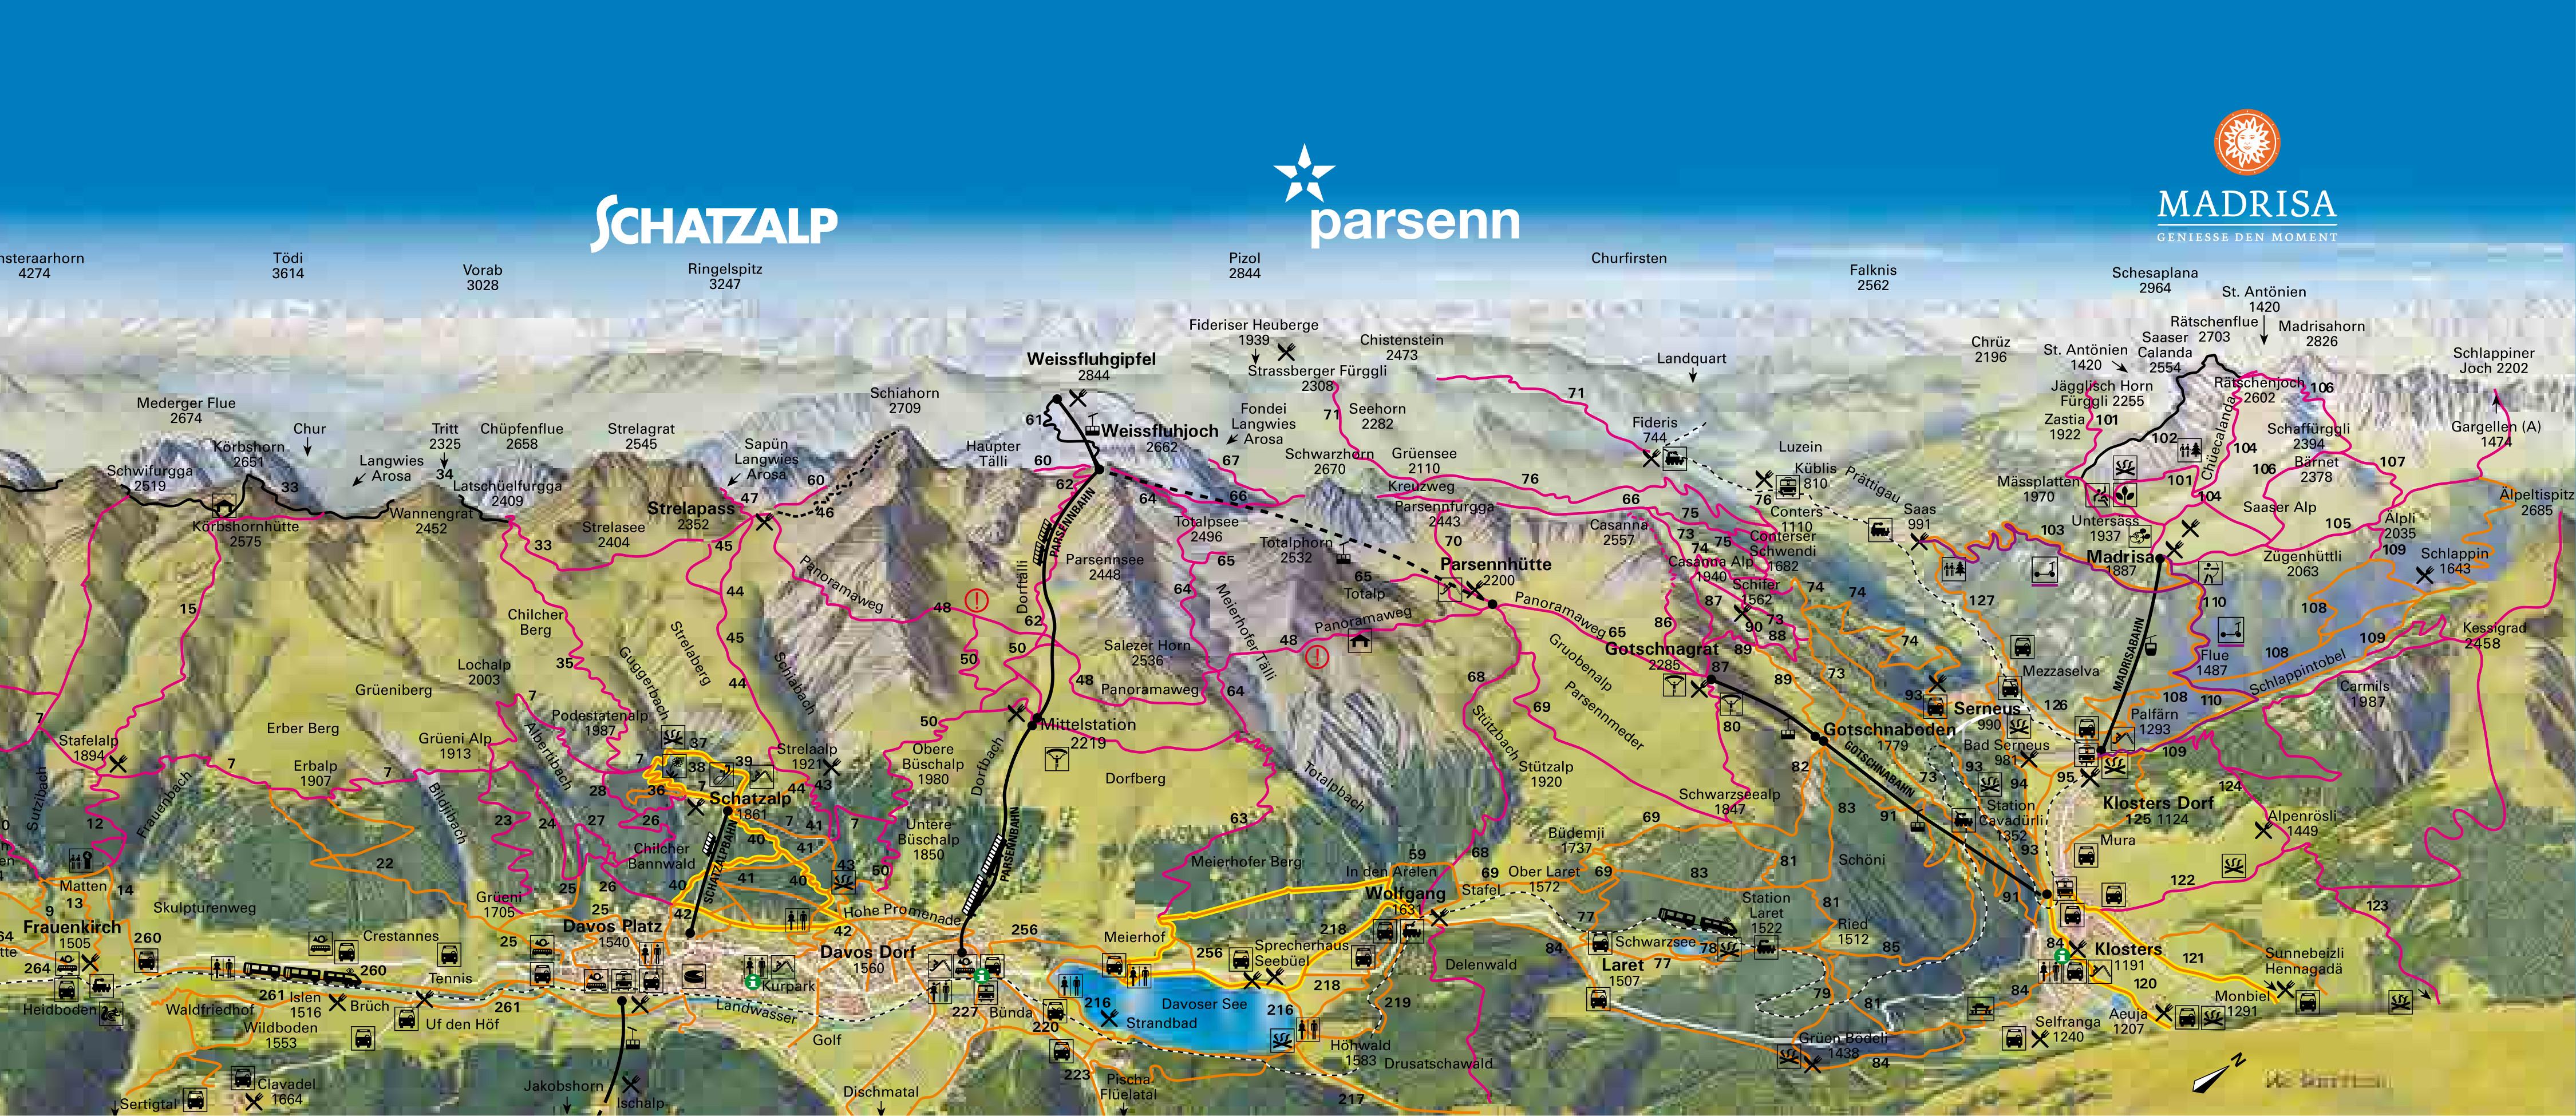 Davos Parsen Trail map